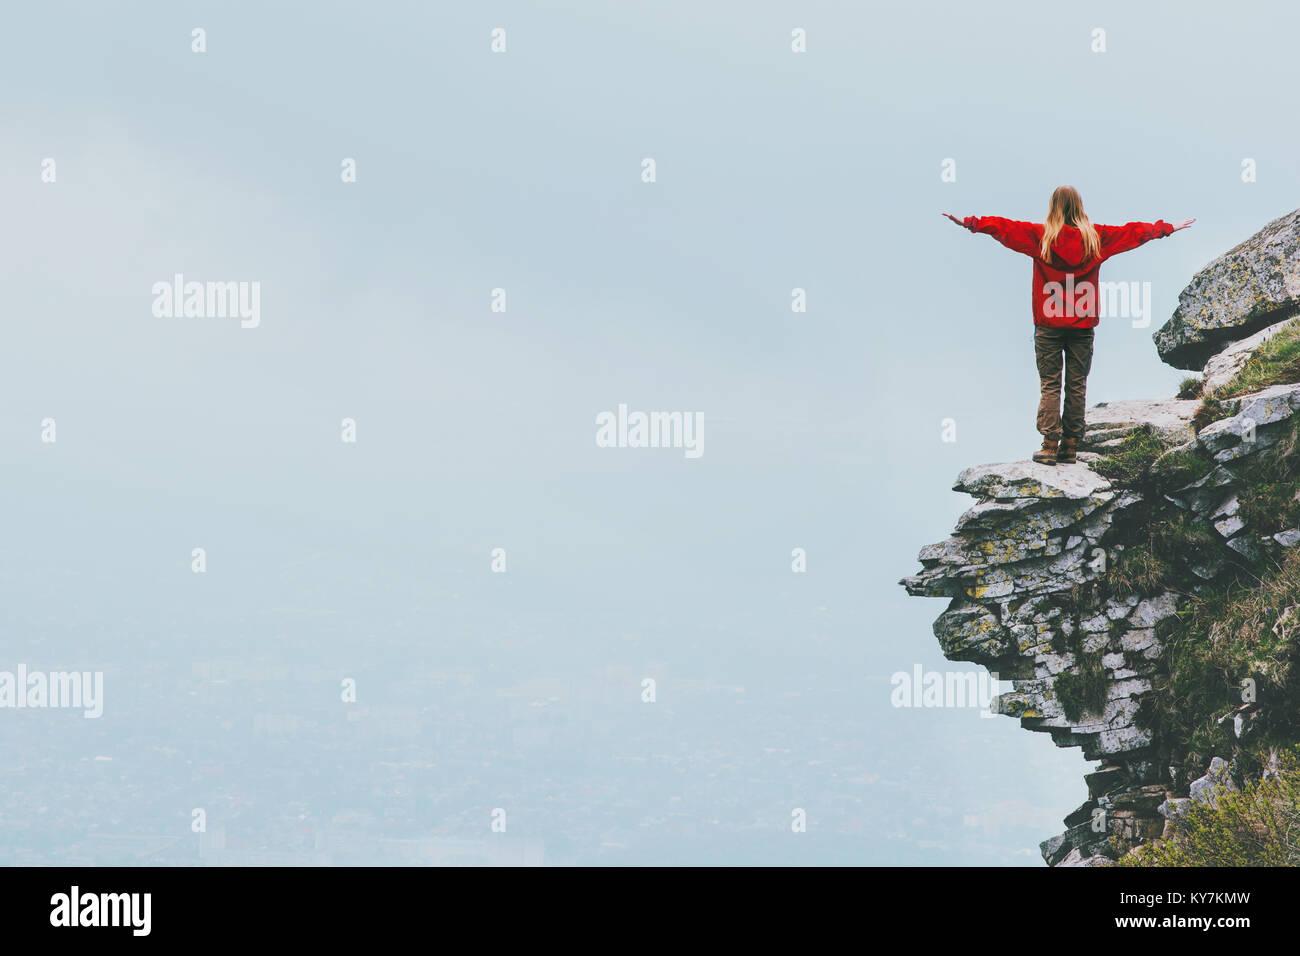 Viajero feliz de pie sobre el acantilado manos levantadas de montaña Lifestyle Viajes éxito motivación Imagen De Stock